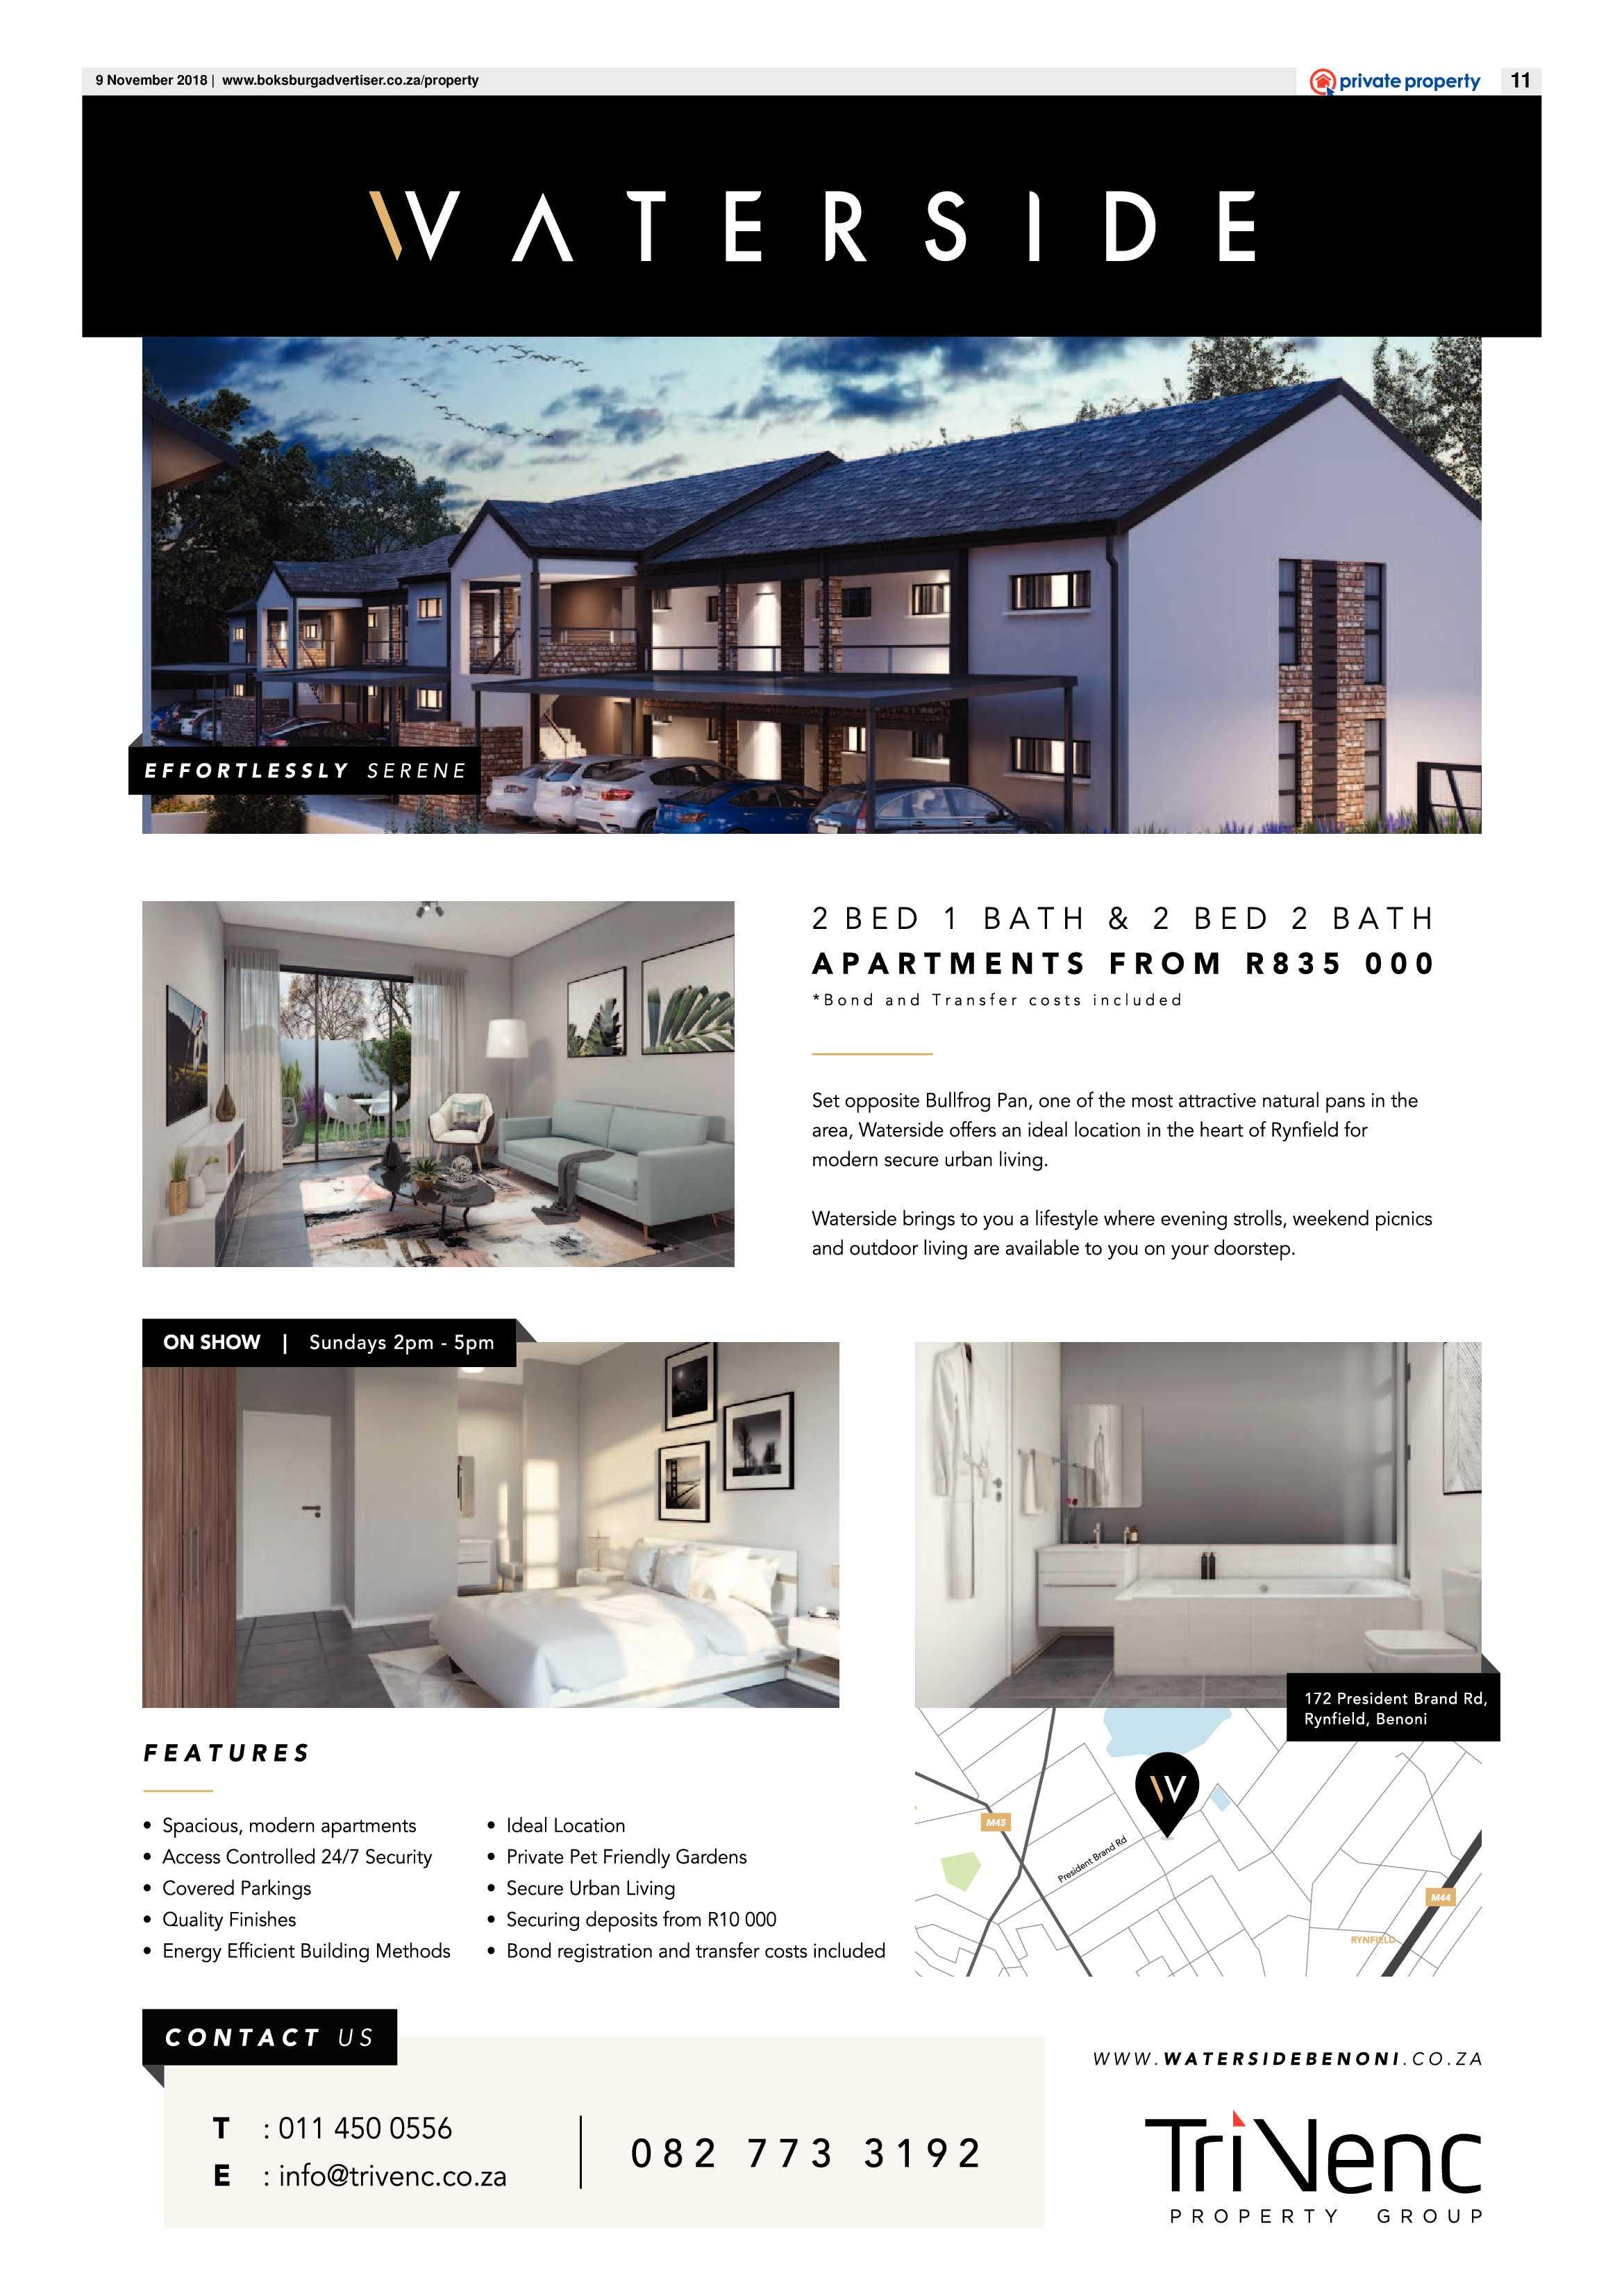 boksburg-advertiser-06-november-2018-epapers-page-11